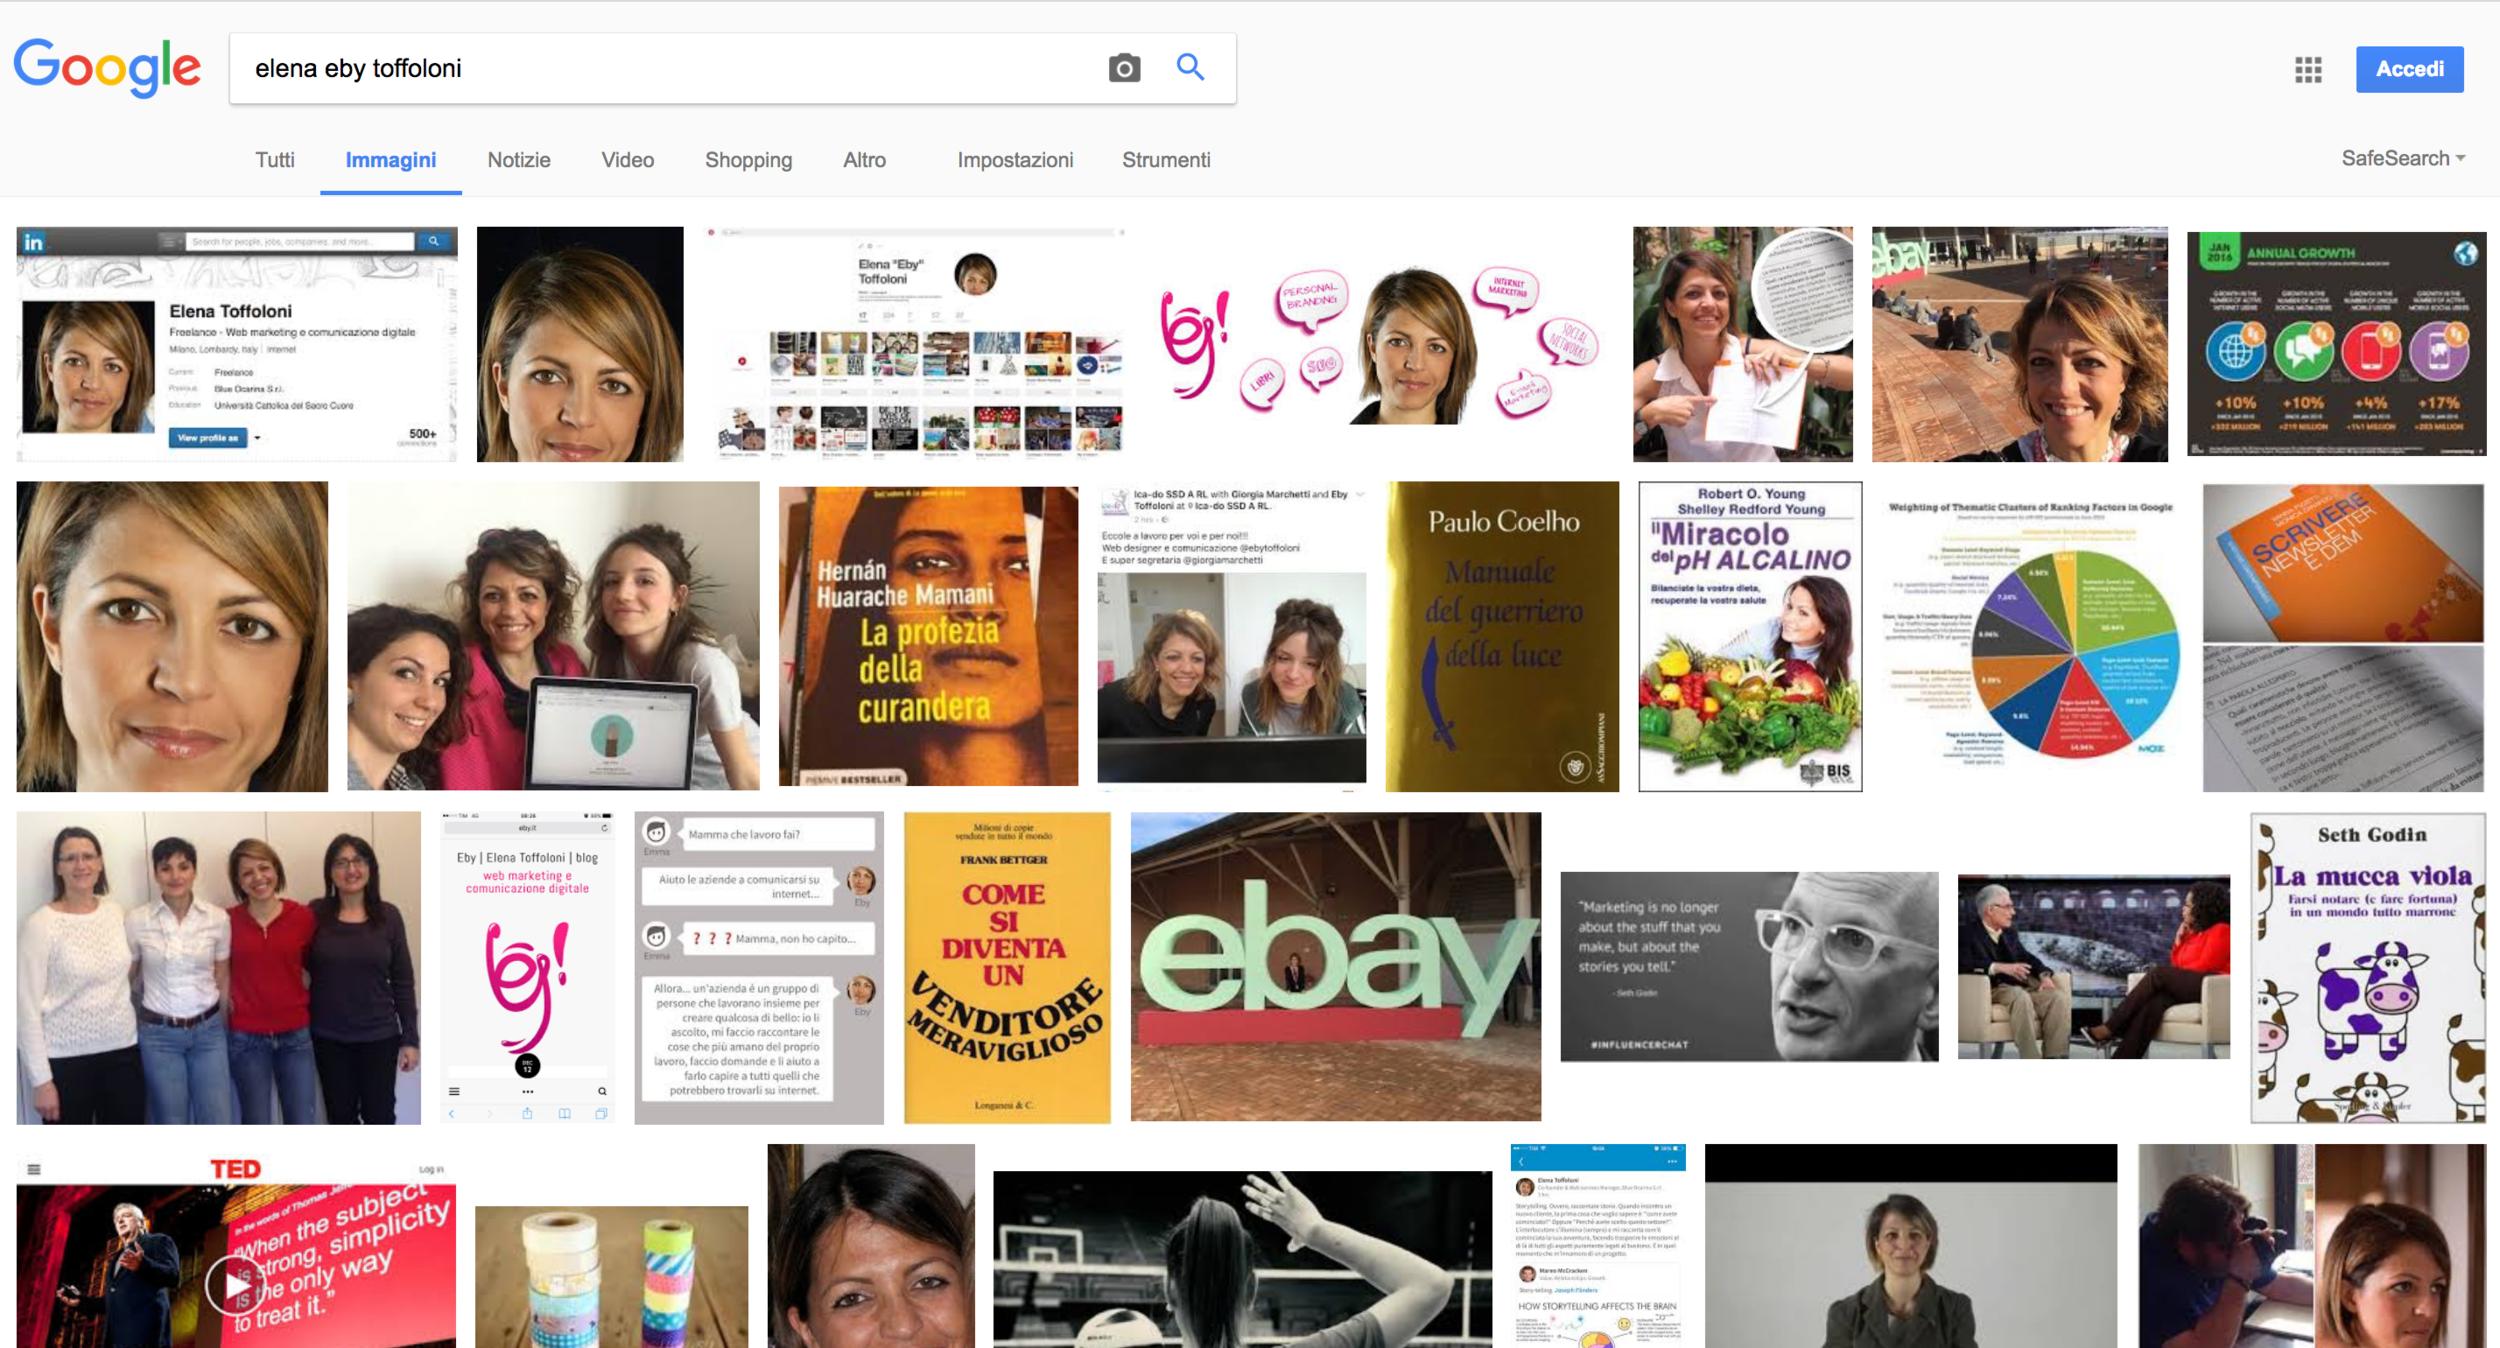 Rinomina le immagini e ogni tanto guarda su Google immagini